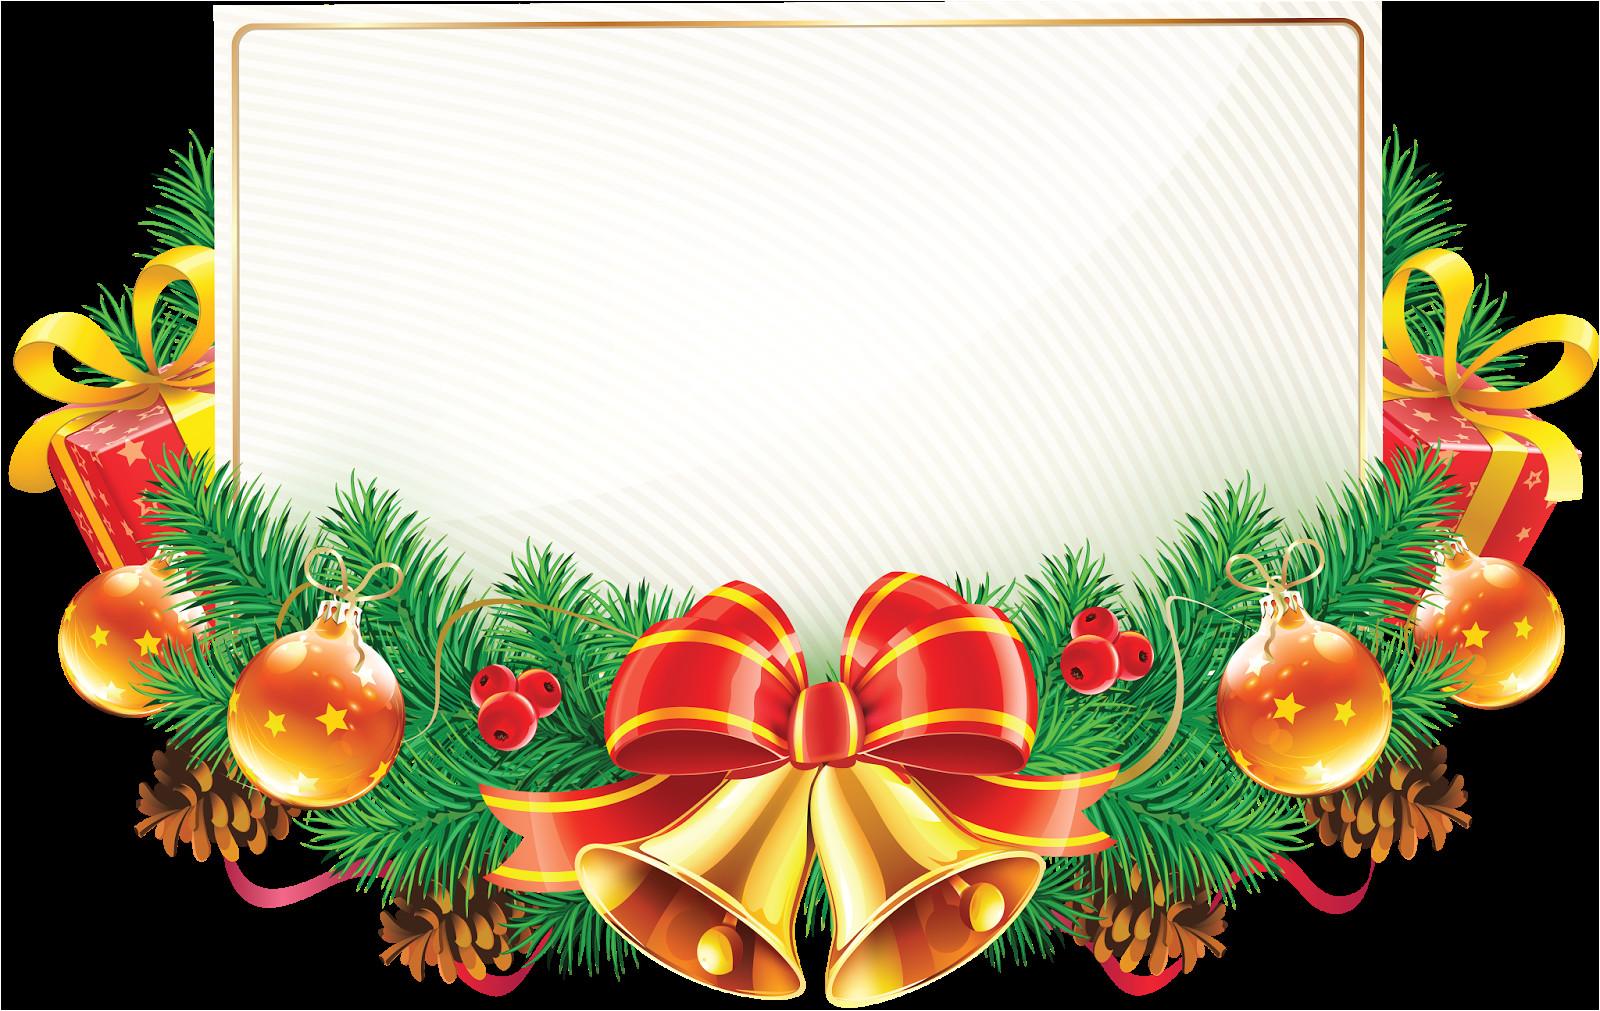 adornos navide publicado por inesita ss jenny ines ss en 14 29